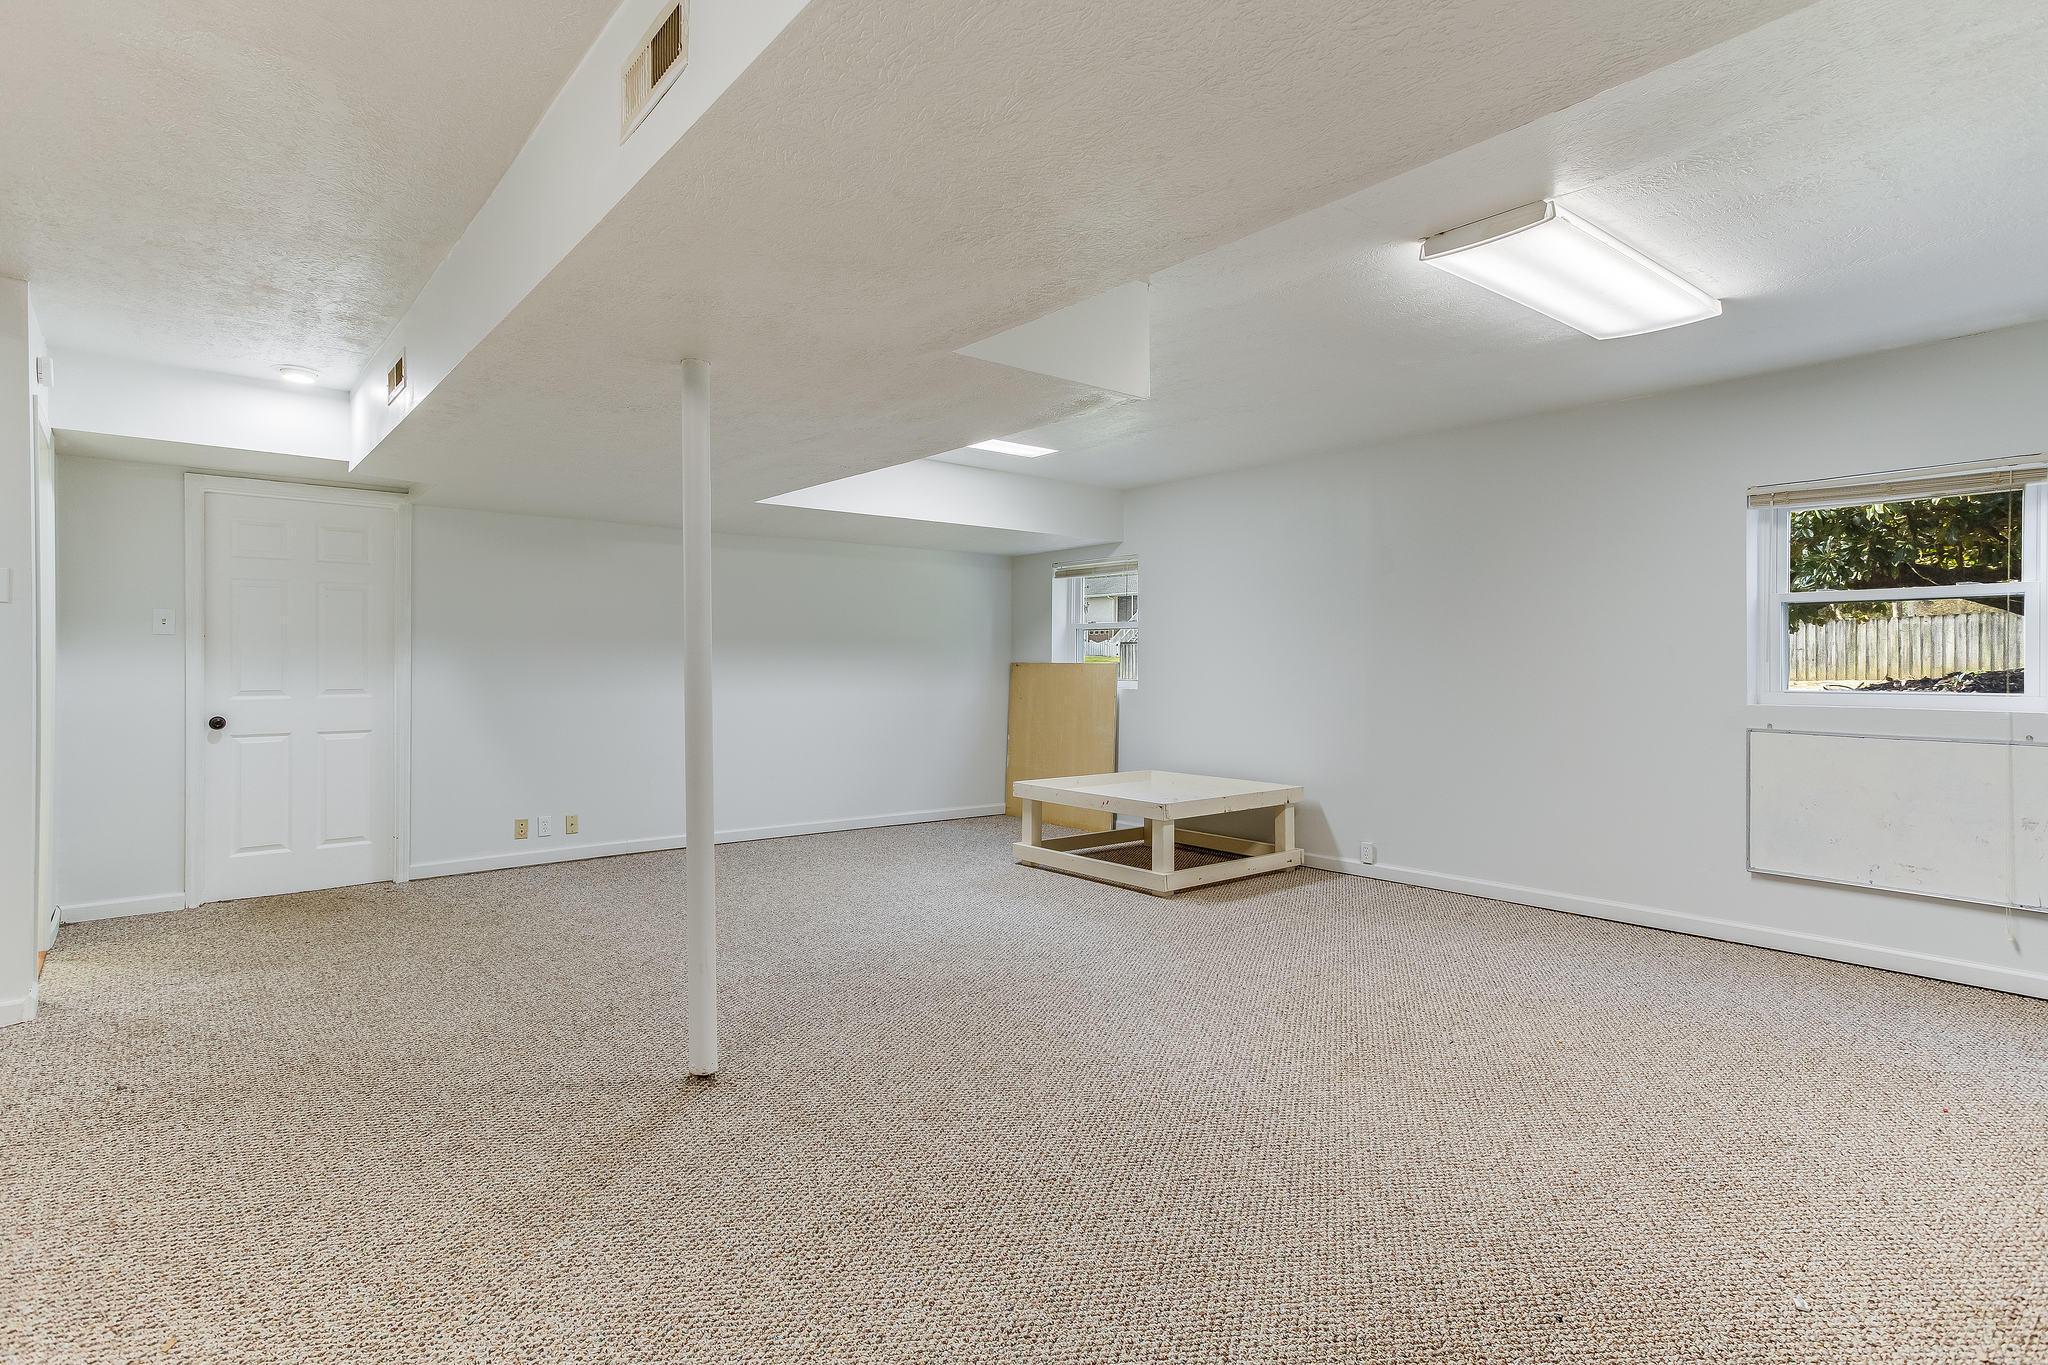 504 Bobolink Rd rec room (1)